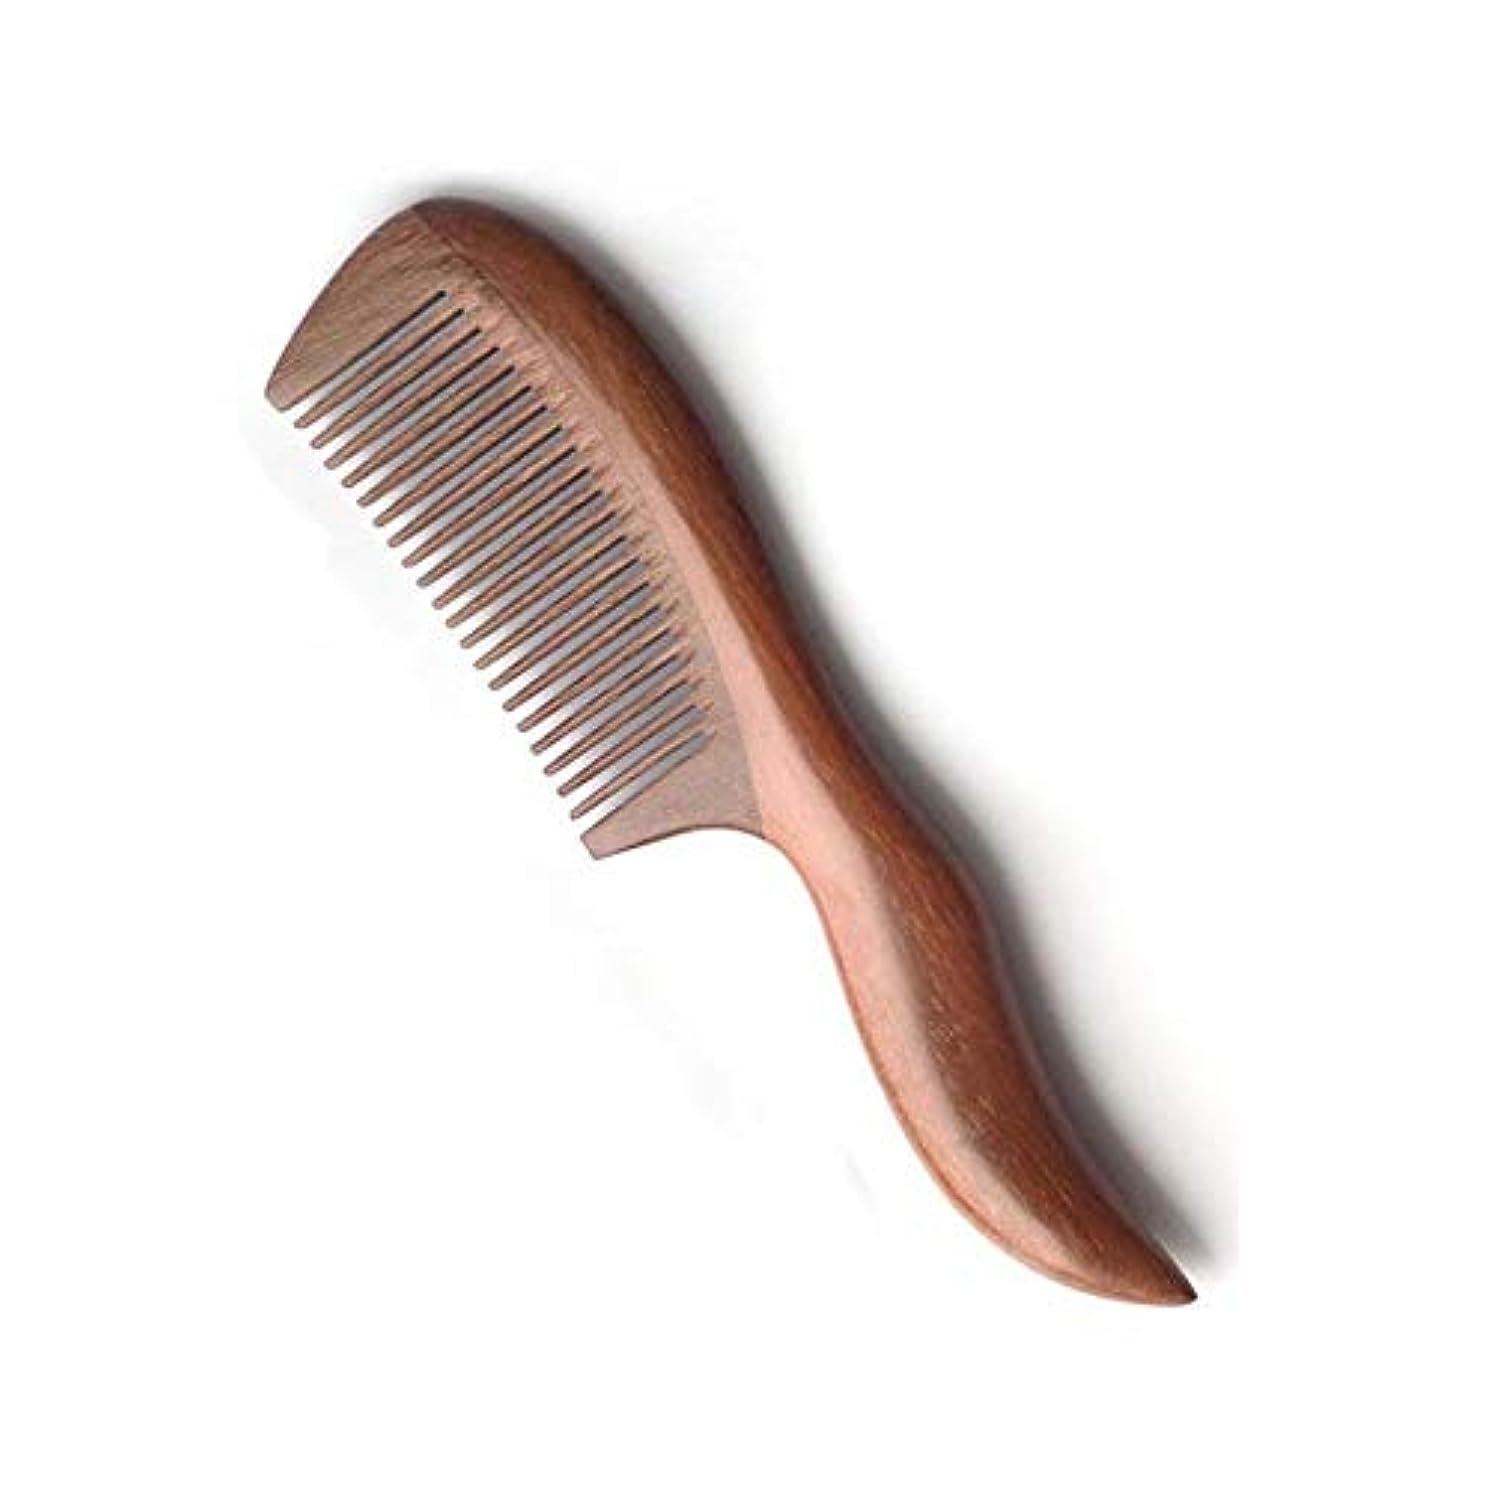 つかいます逆さまに収縮女性のためのFashian木製のくしファイン歯くし、グリーンサンダルウッド抗静的もつれ解除ホーンくし ヘアケア (色 : 1827)